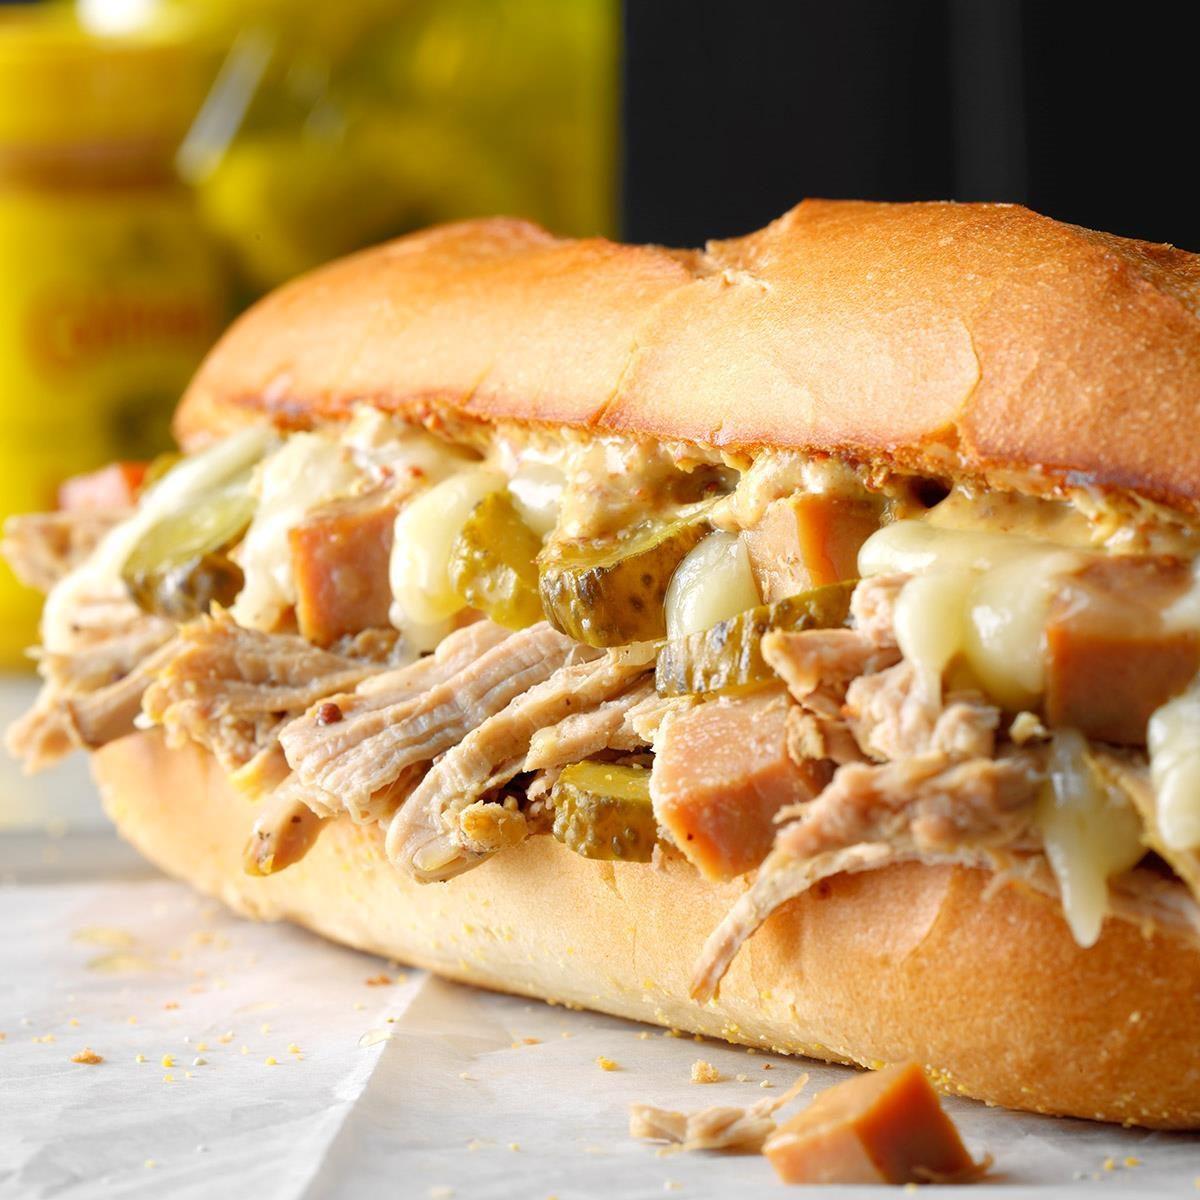 Slow Cooker Cubano Sandwich